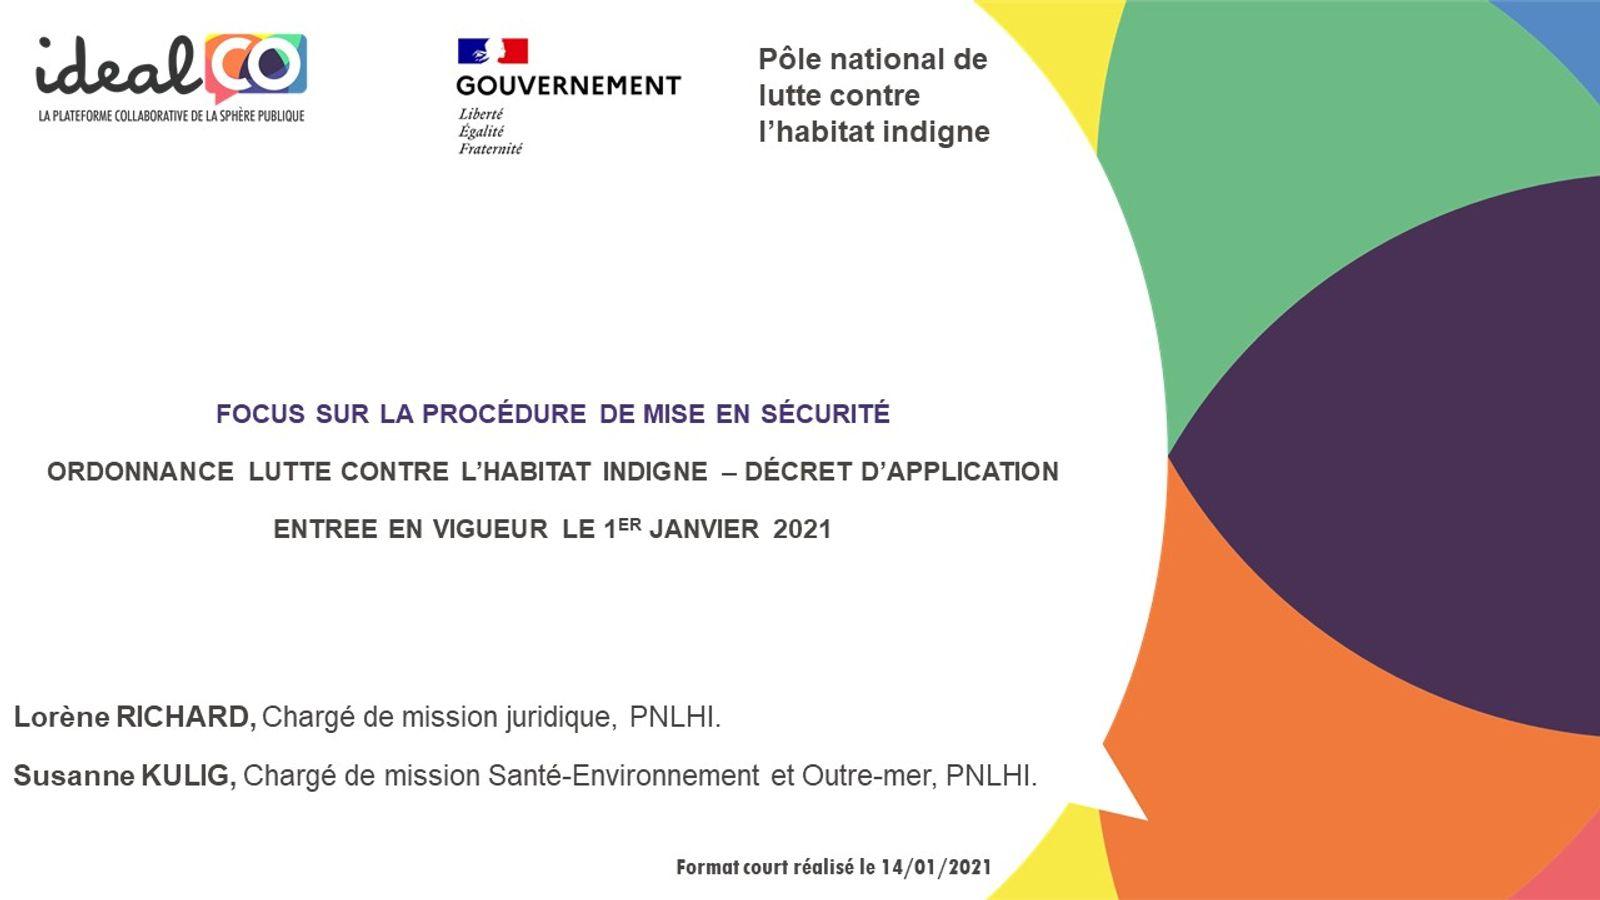 [FORMAT COURT] Les apports de l'ordonnance LHI du 16/09/2020 : la procédure de mise en sécurité